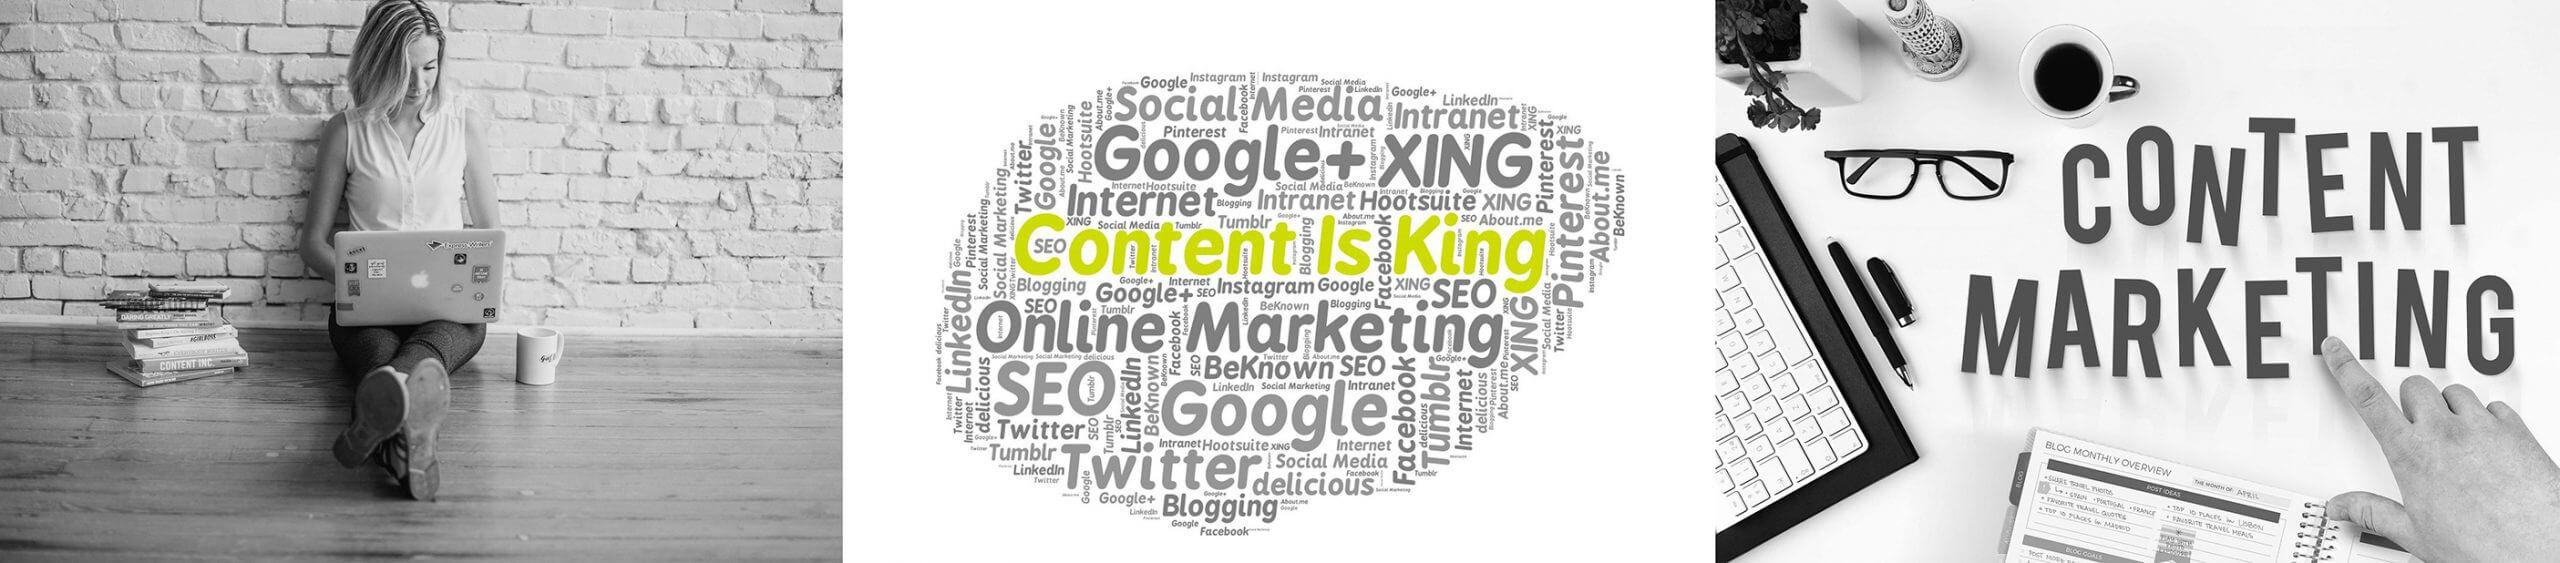 que es el content marketing